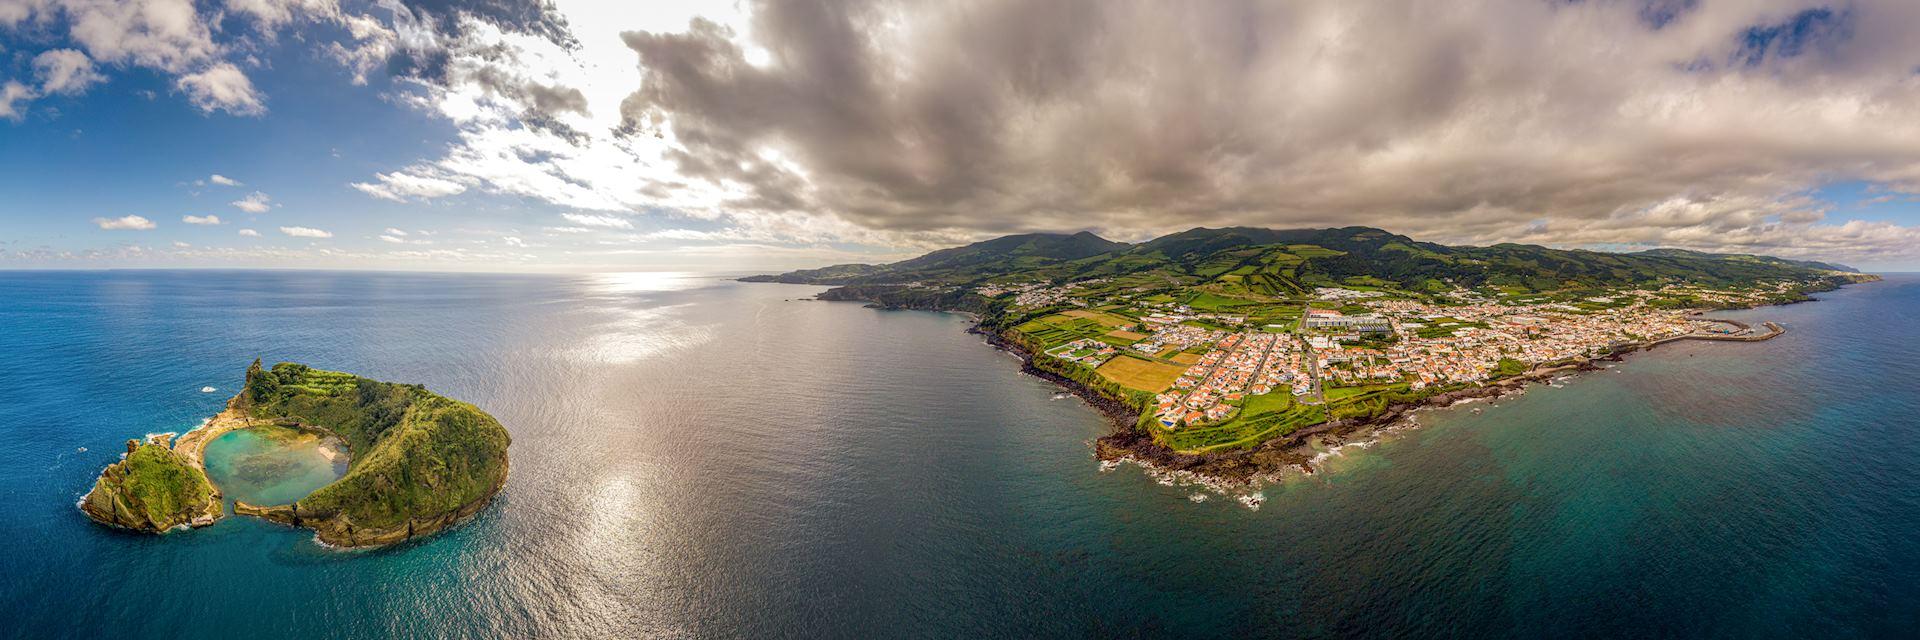 Vila Franca do Campo in the Azores